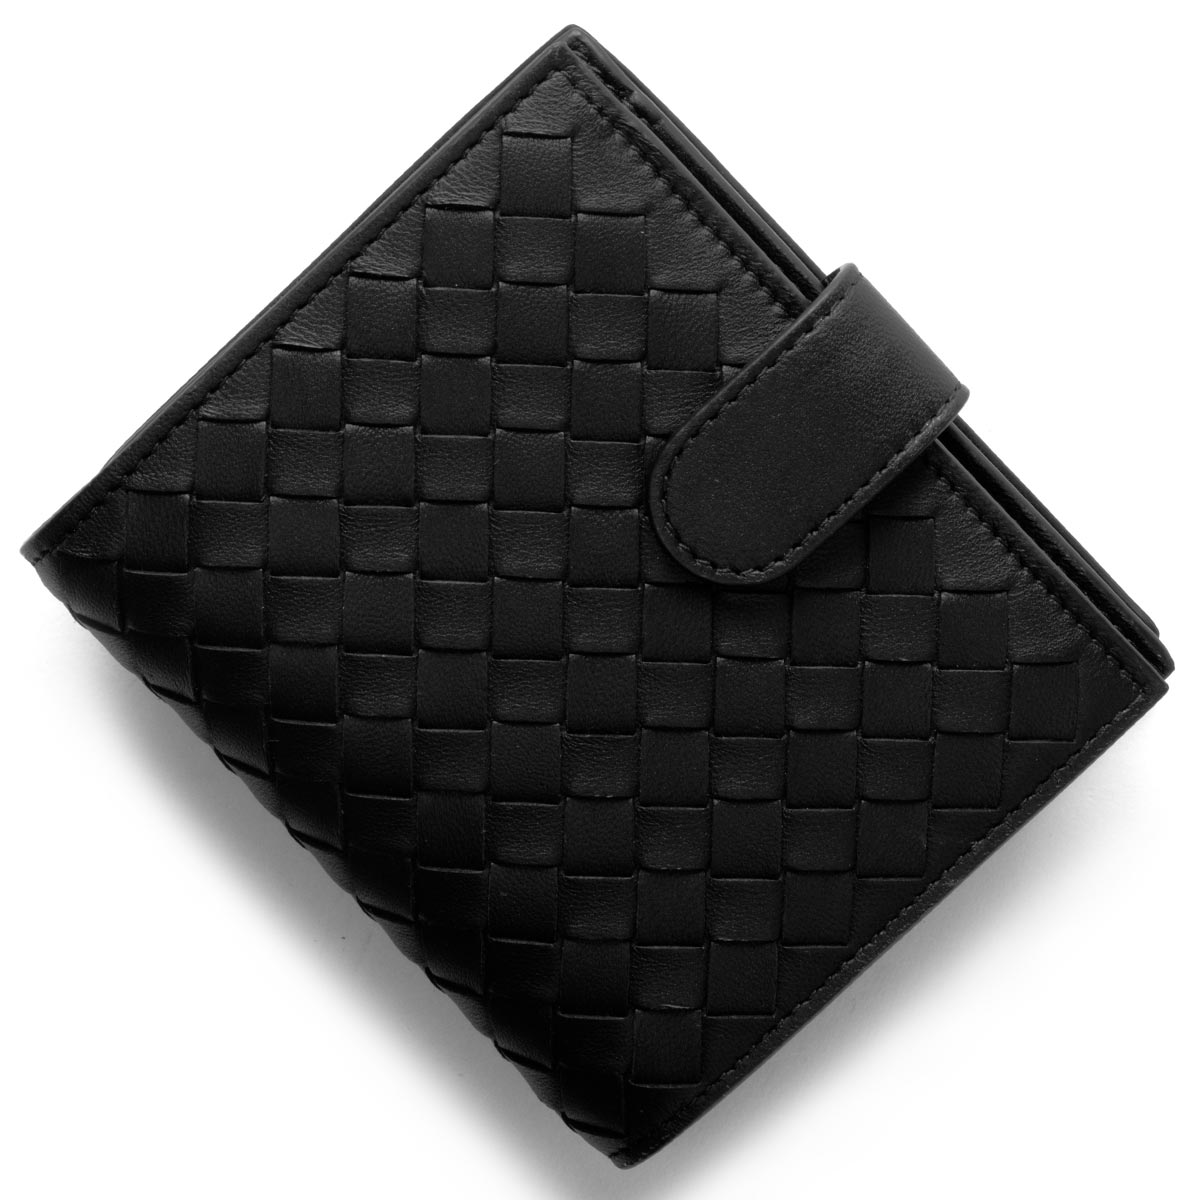 ボッテガヴェネタ (ボッテガ・ヴェネタ) 財布 二つ折り財布 財布 メンズ イントレチャート INTRECCIATO ブラック 121059 V001N 1000 BOTTEGA VENETA バーゲン